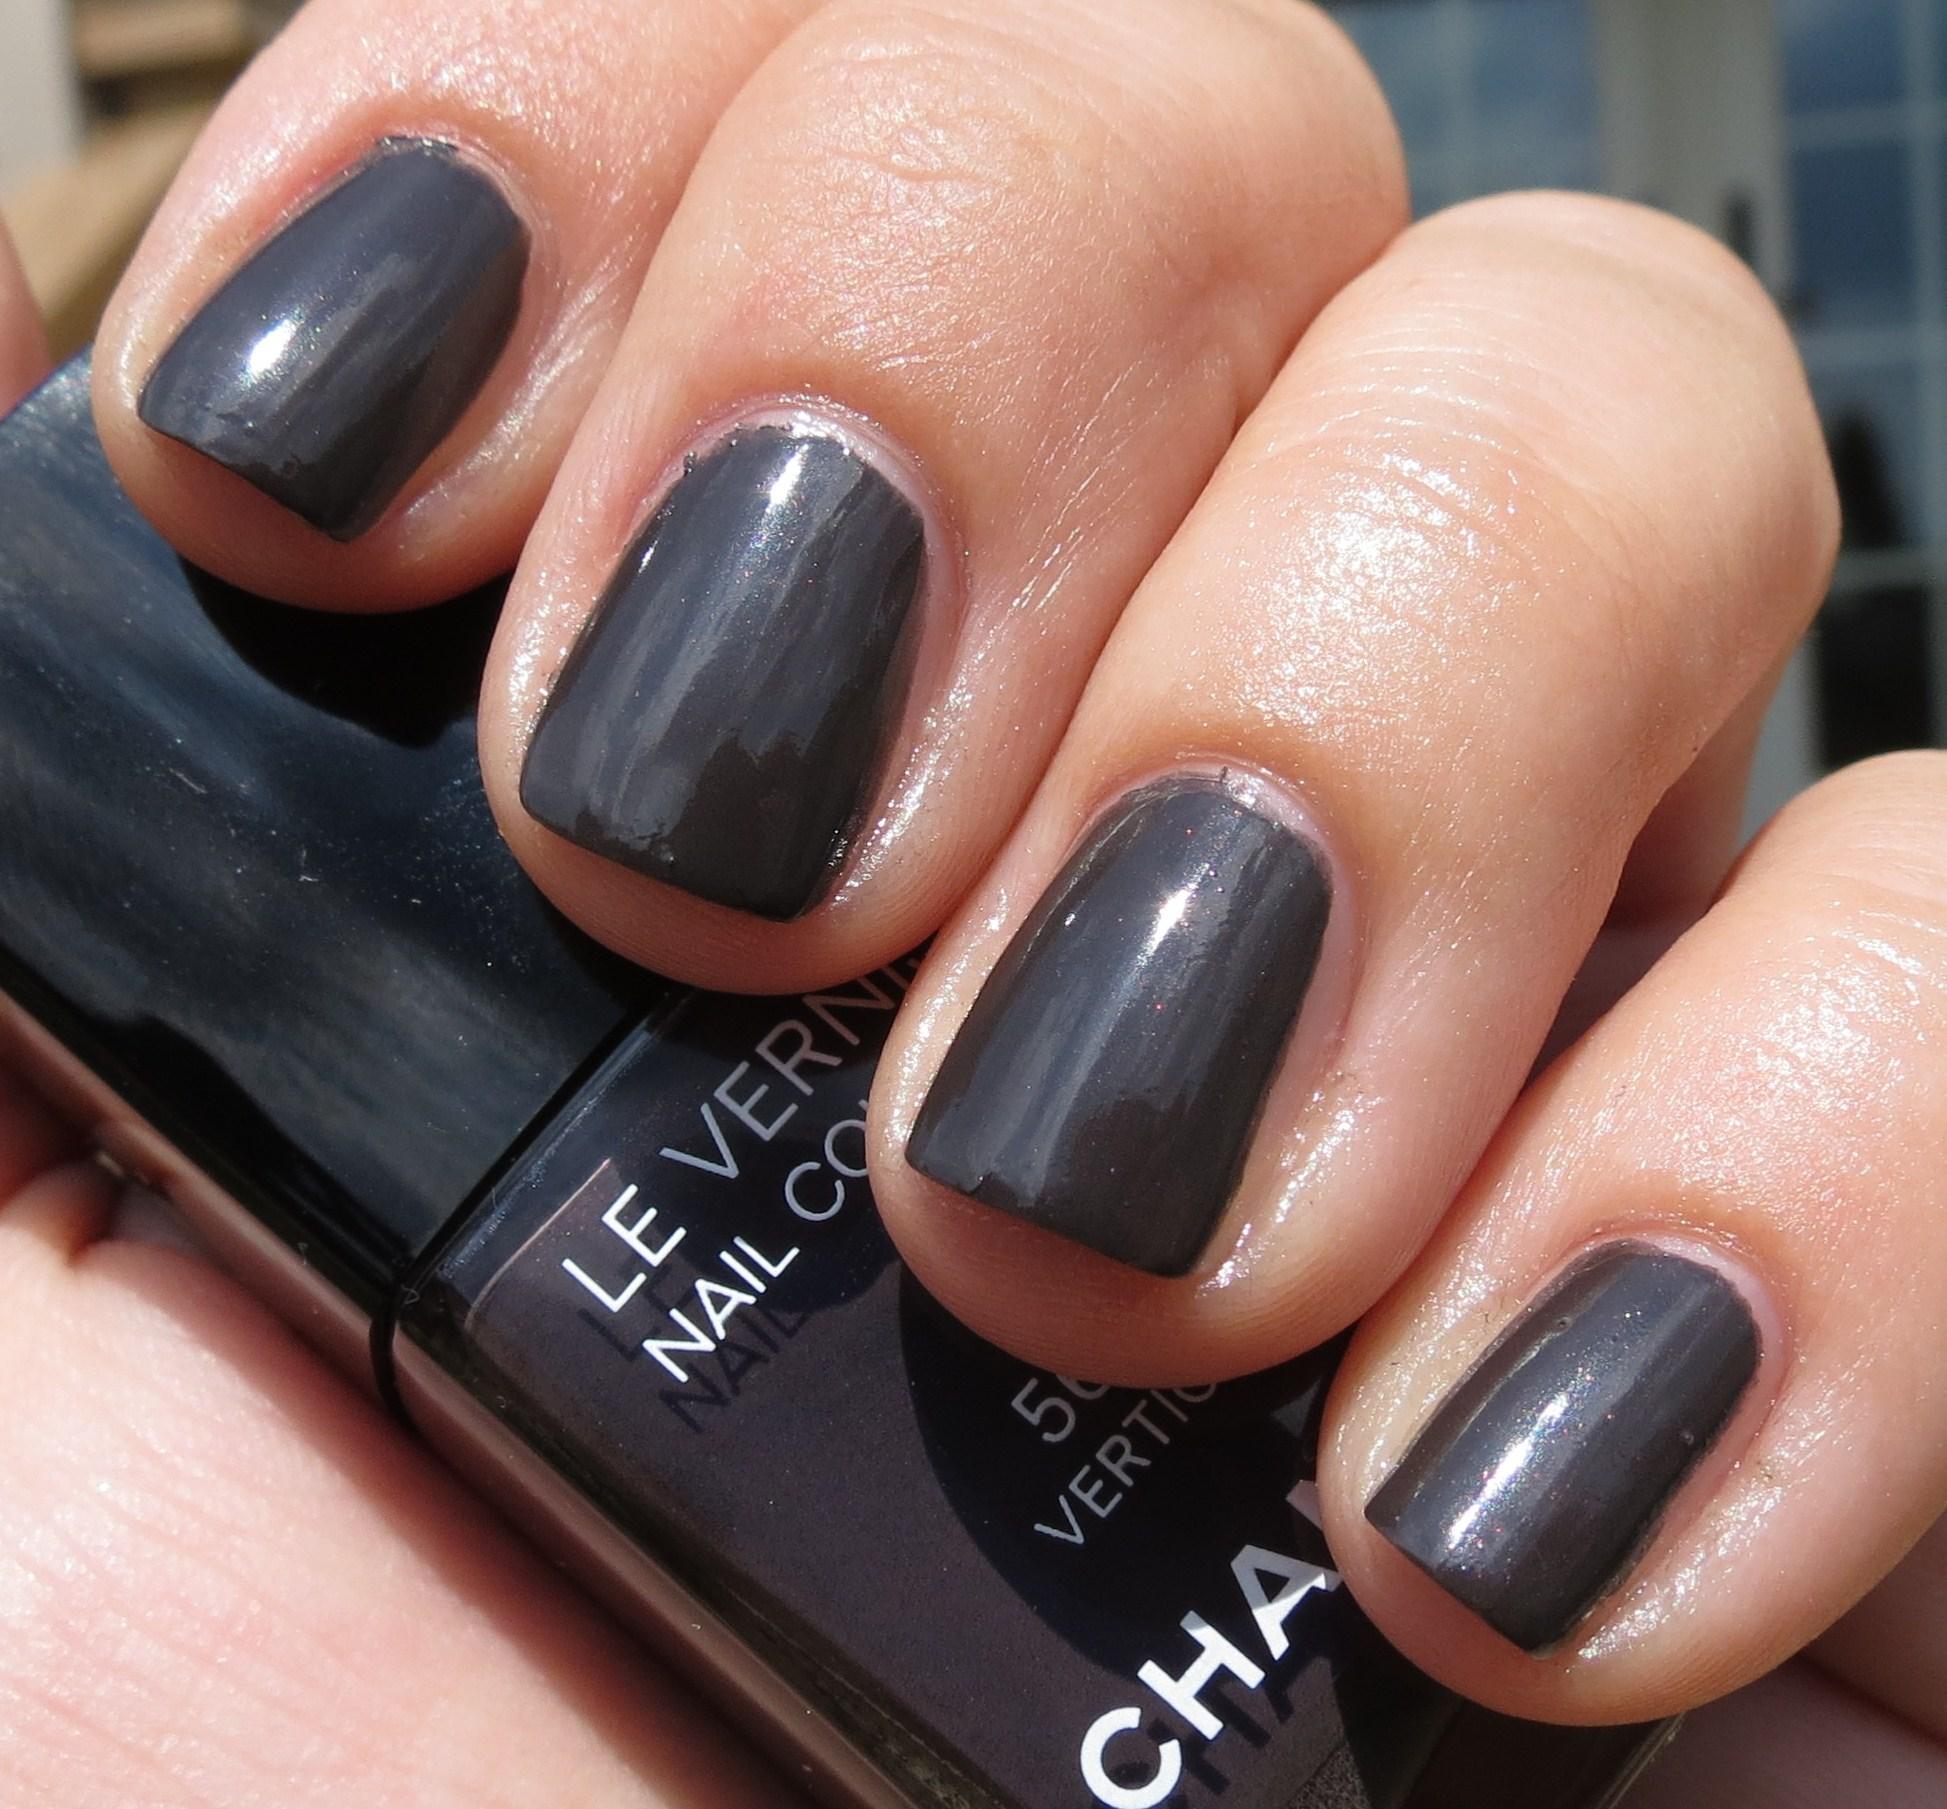 Vernis Nail: Chanel VERTIGO #563 Le Vernis Nail Colour Swatches